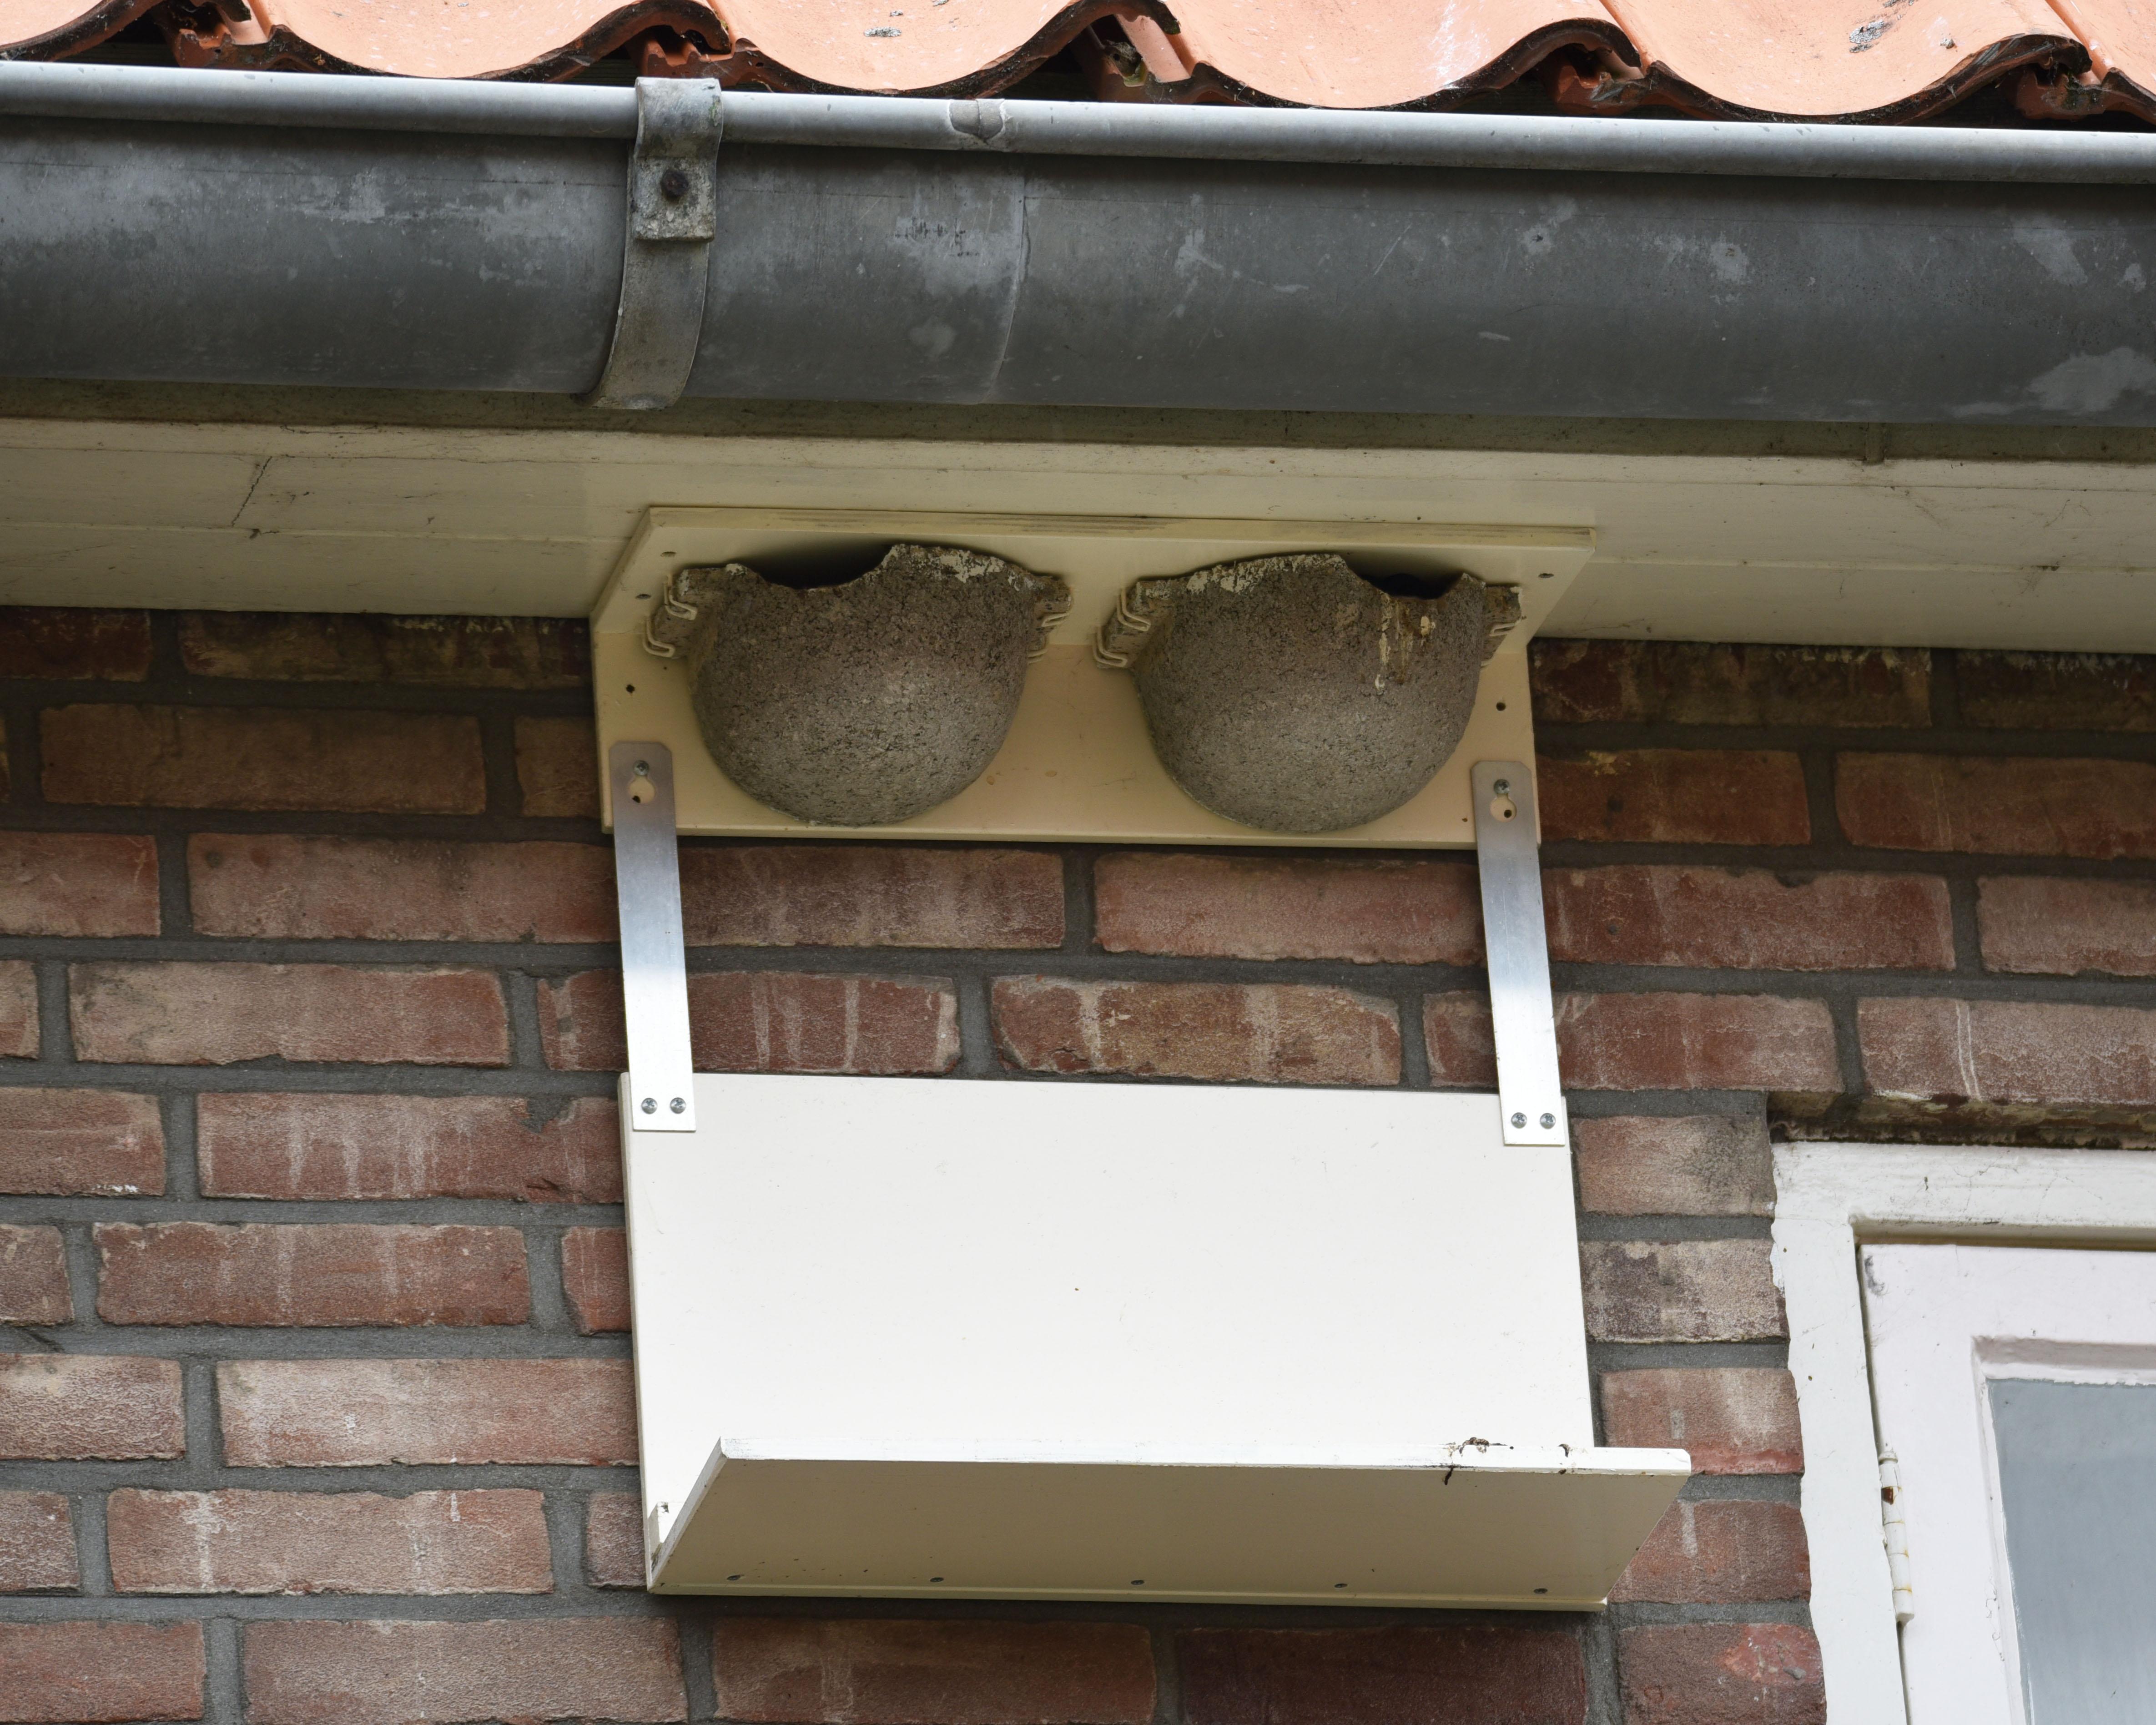 Huiszwaluwen nest met plakje eronder